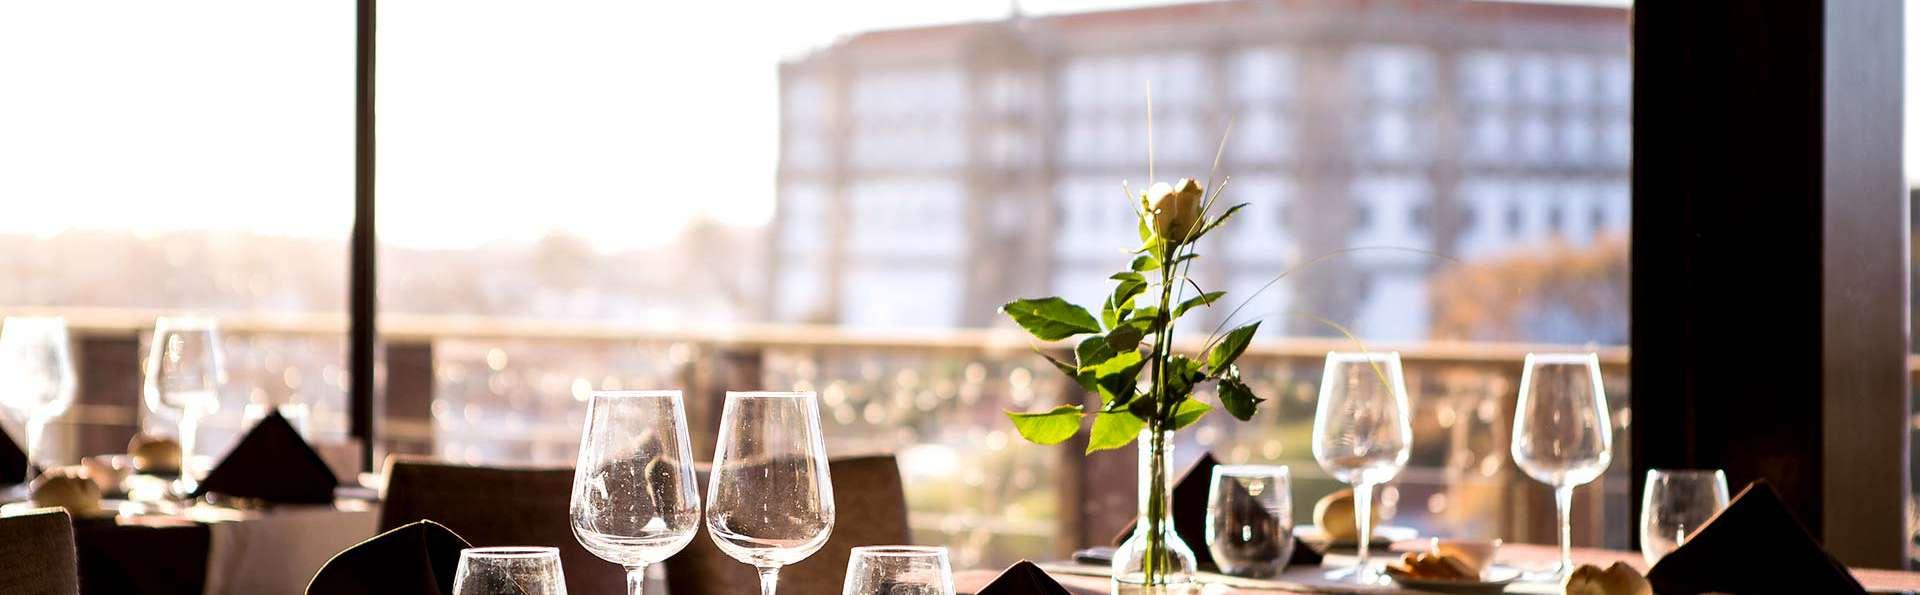 Escapada con almuerzo y acceso al Spa en un Hotel con vistas a Vila do Conde